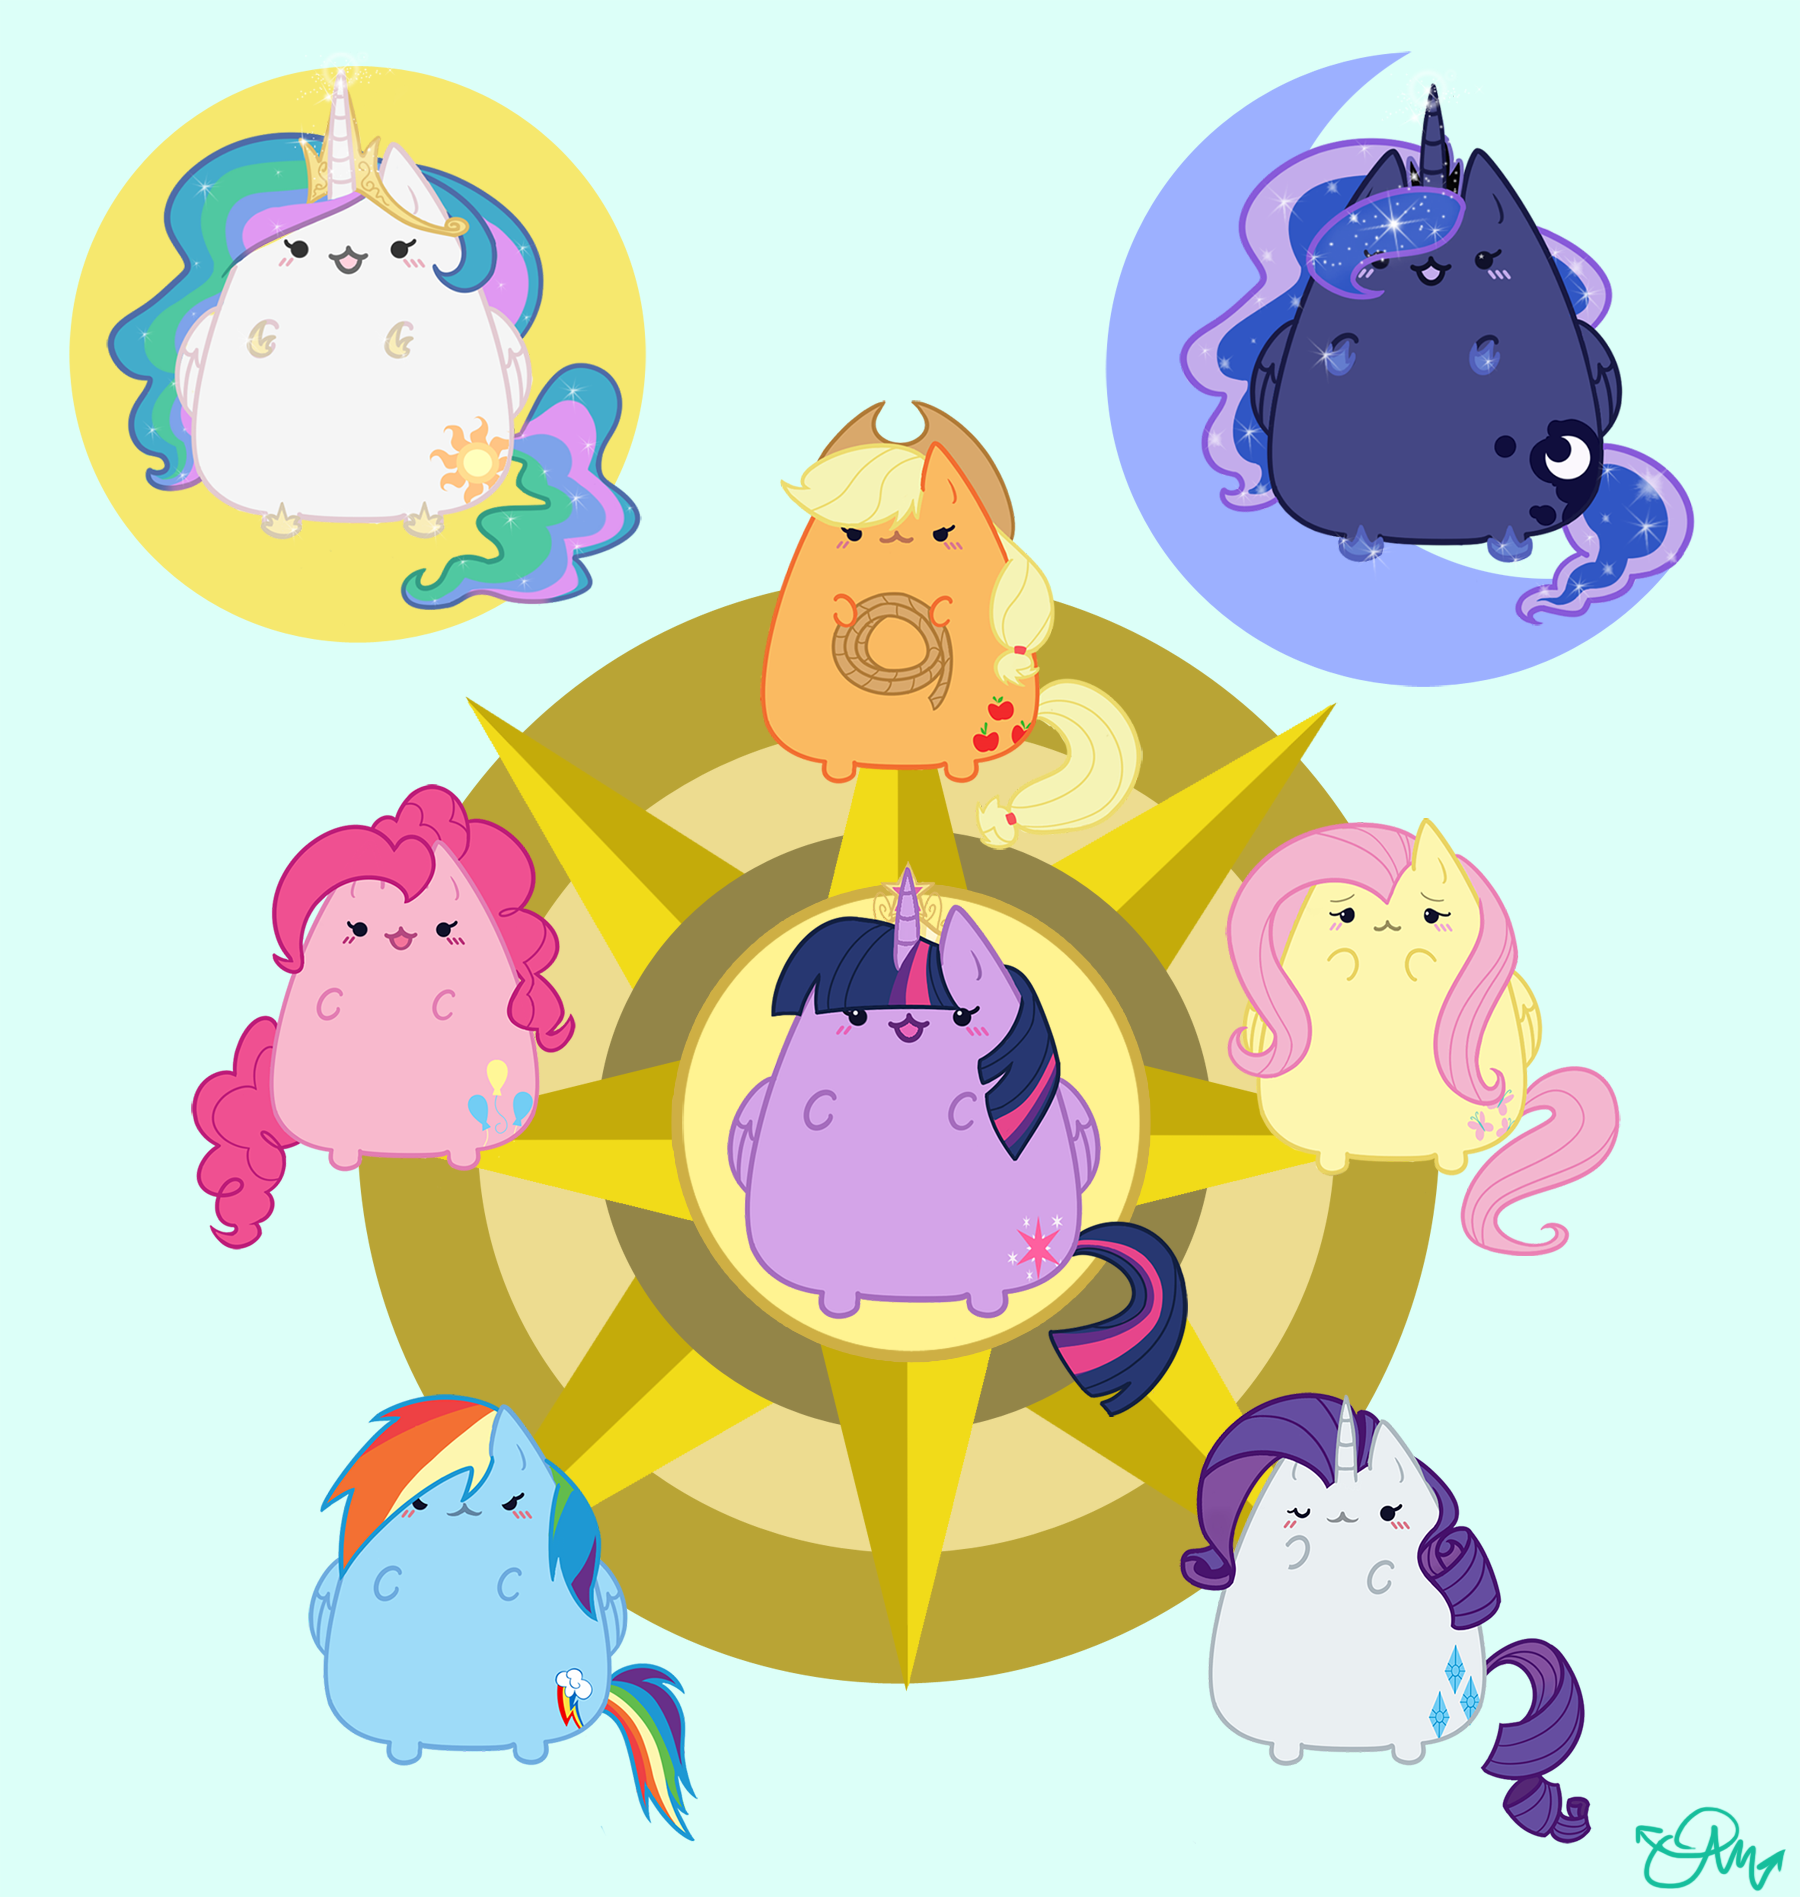 няшные рисунки для лд котики пони погоны